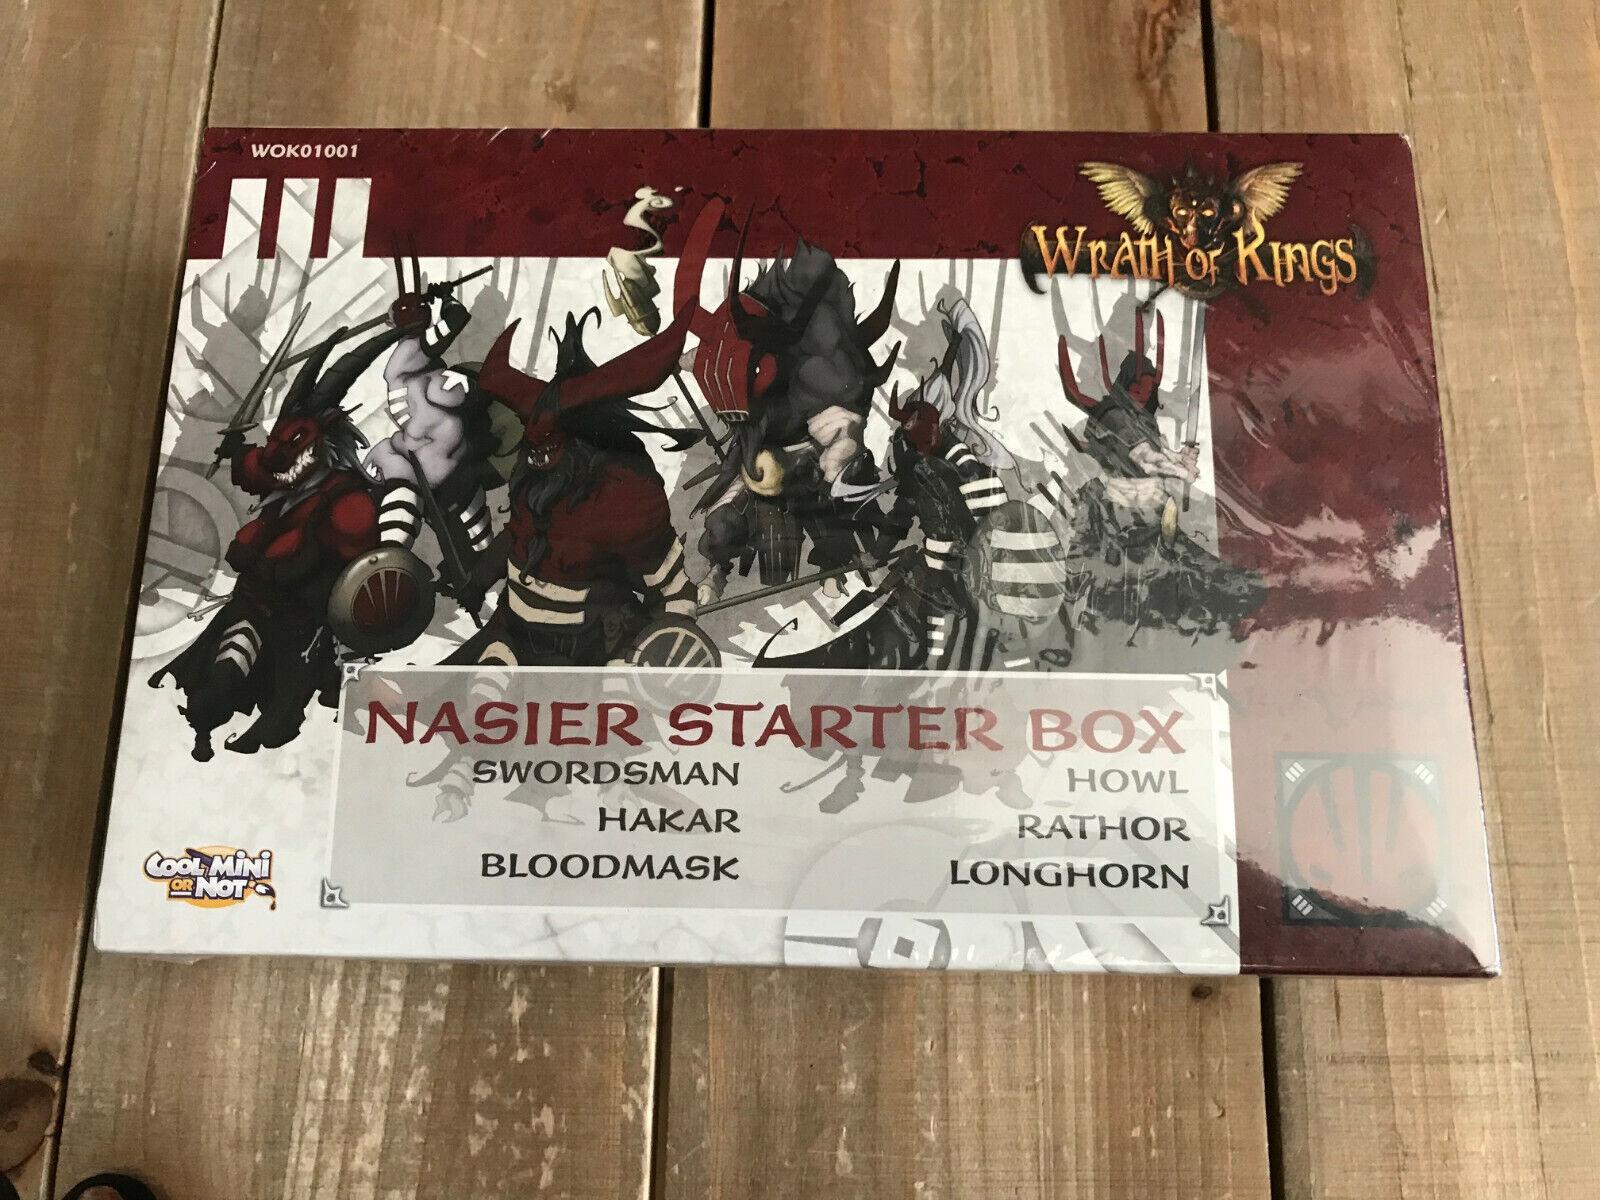 Wrath of Kings - - - NASIER STARTER BOX - CMON WOK01001 - Sealed 85e